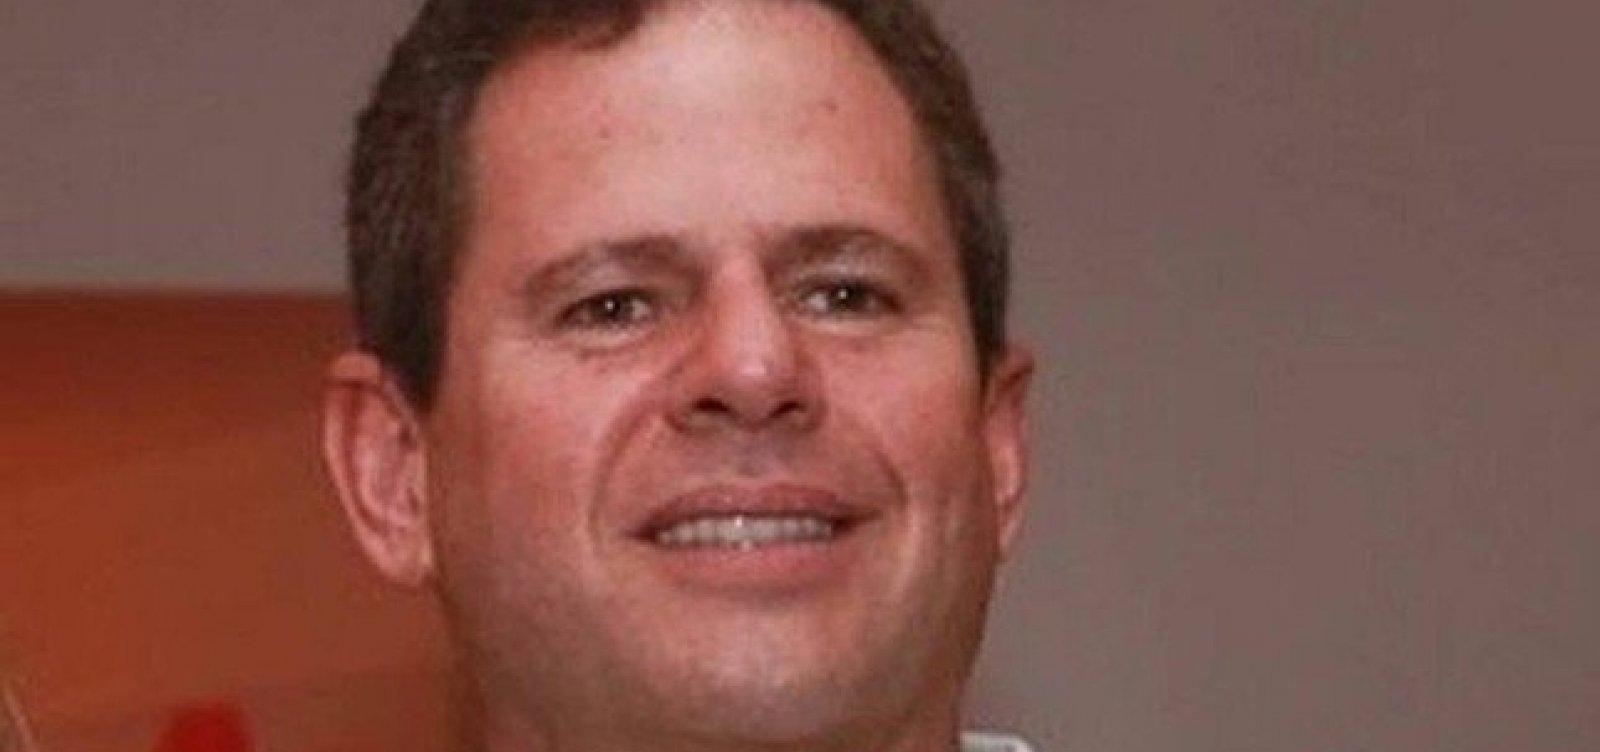 Em diálogo, doleiro afirma que pagou propina a procurador da Lava Jato no PR